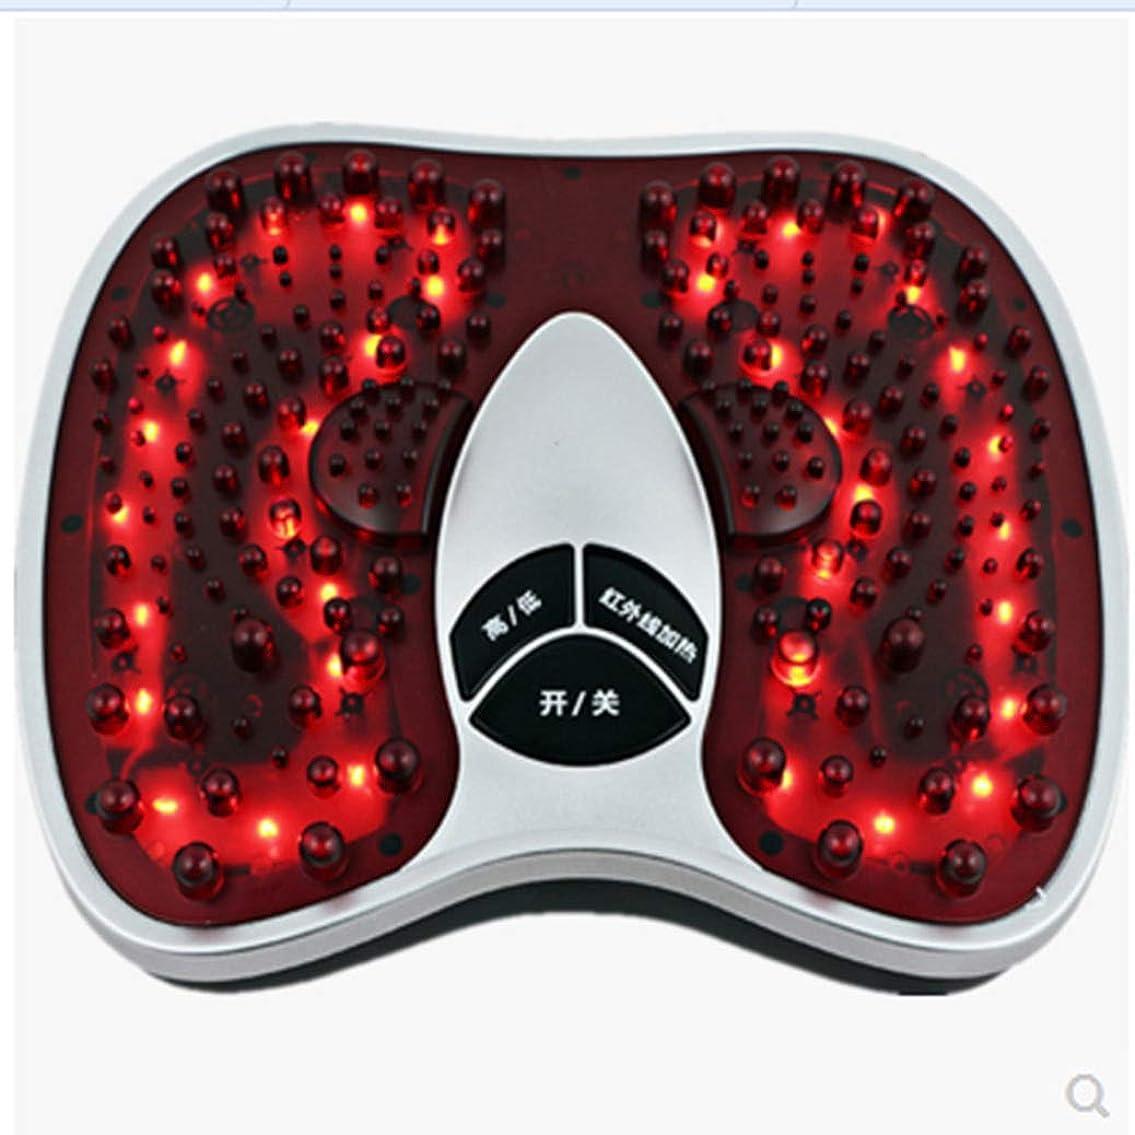 装備するピストンピカリング電気の 足のマッサージ、足のマッサージ足底筋膜炎疲れた足、神経障害、慢性、および神経痛に最適 人間工学的デザイン, red